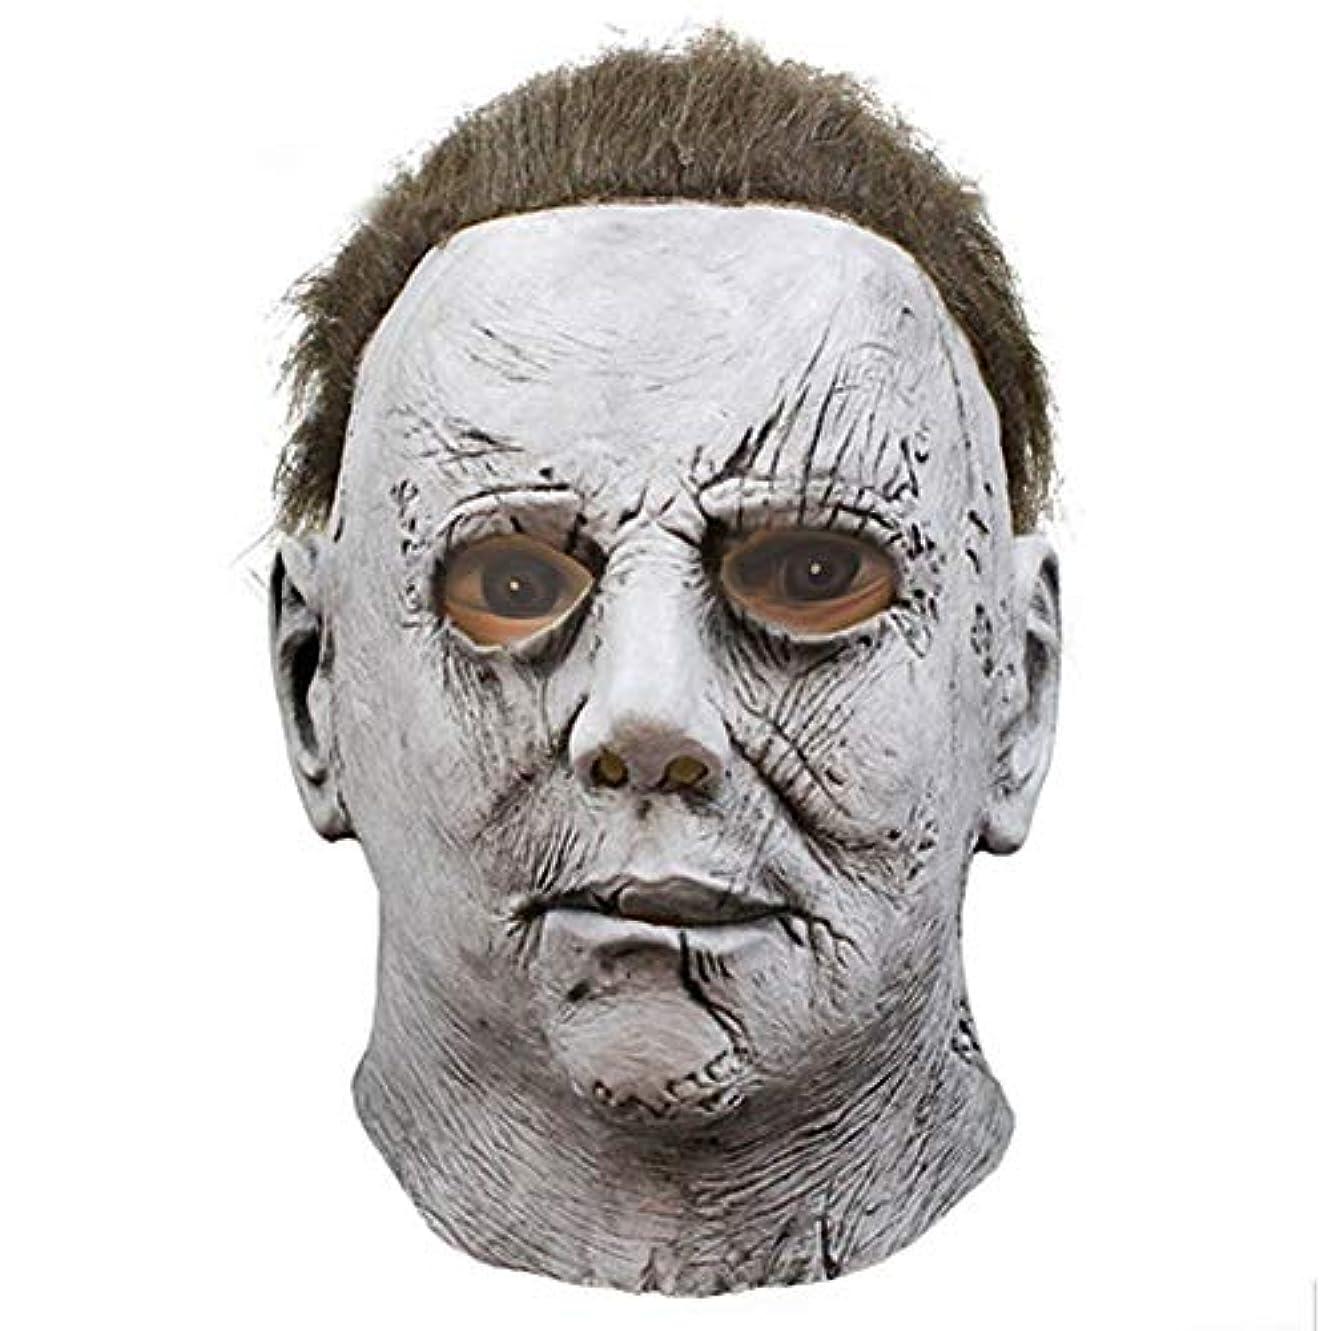 玉温帯せっかちハロウィーンマスク、顔をしかめるラテックスマスク、ハロウィーン、テーマパーティー、カーニバル、レイブパーティー、バー、小道具、映画。